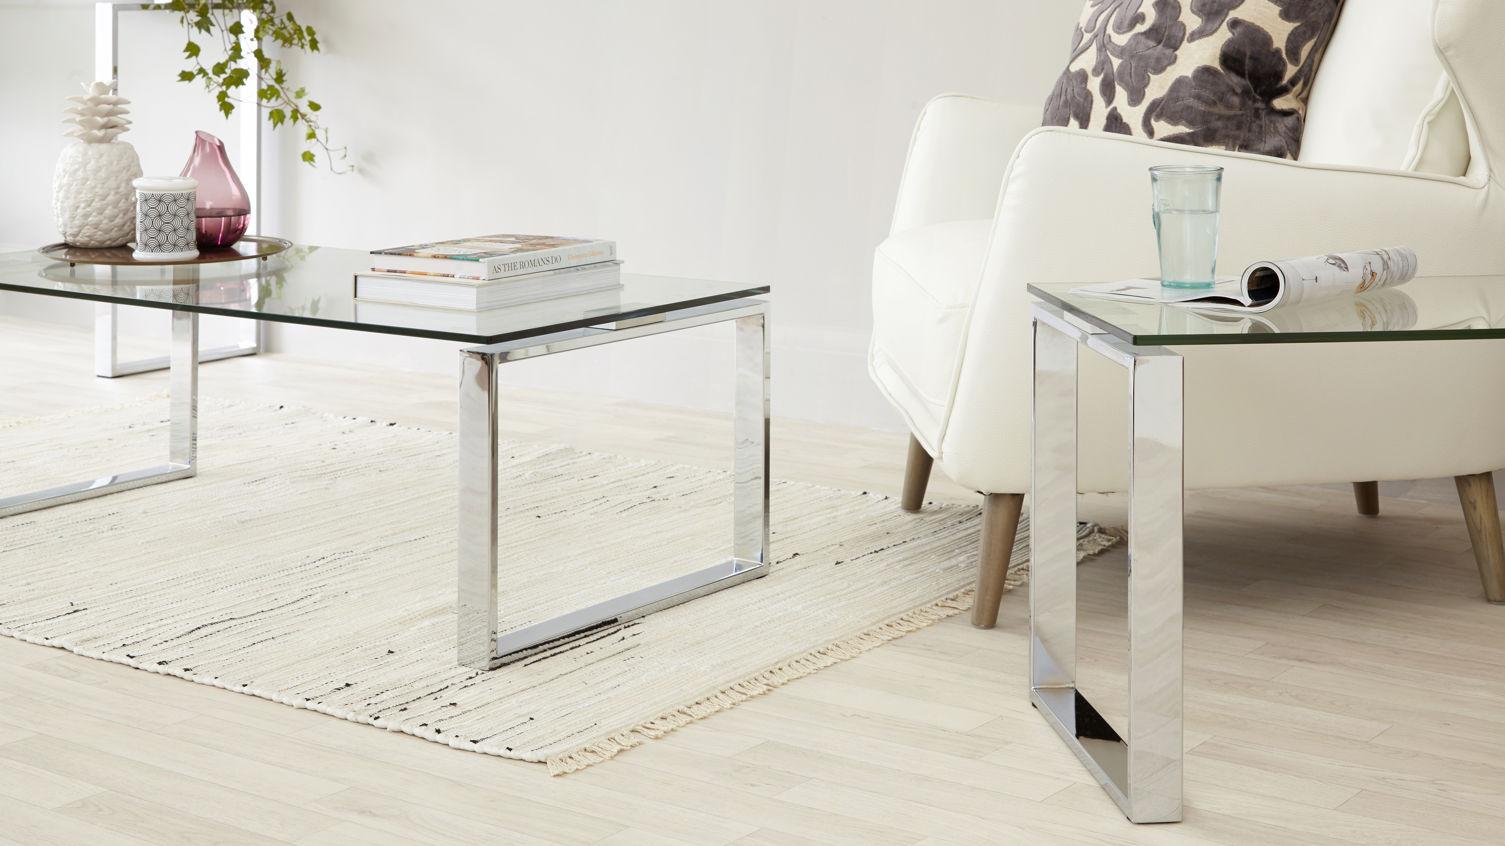 Tiva Coffee Table Set